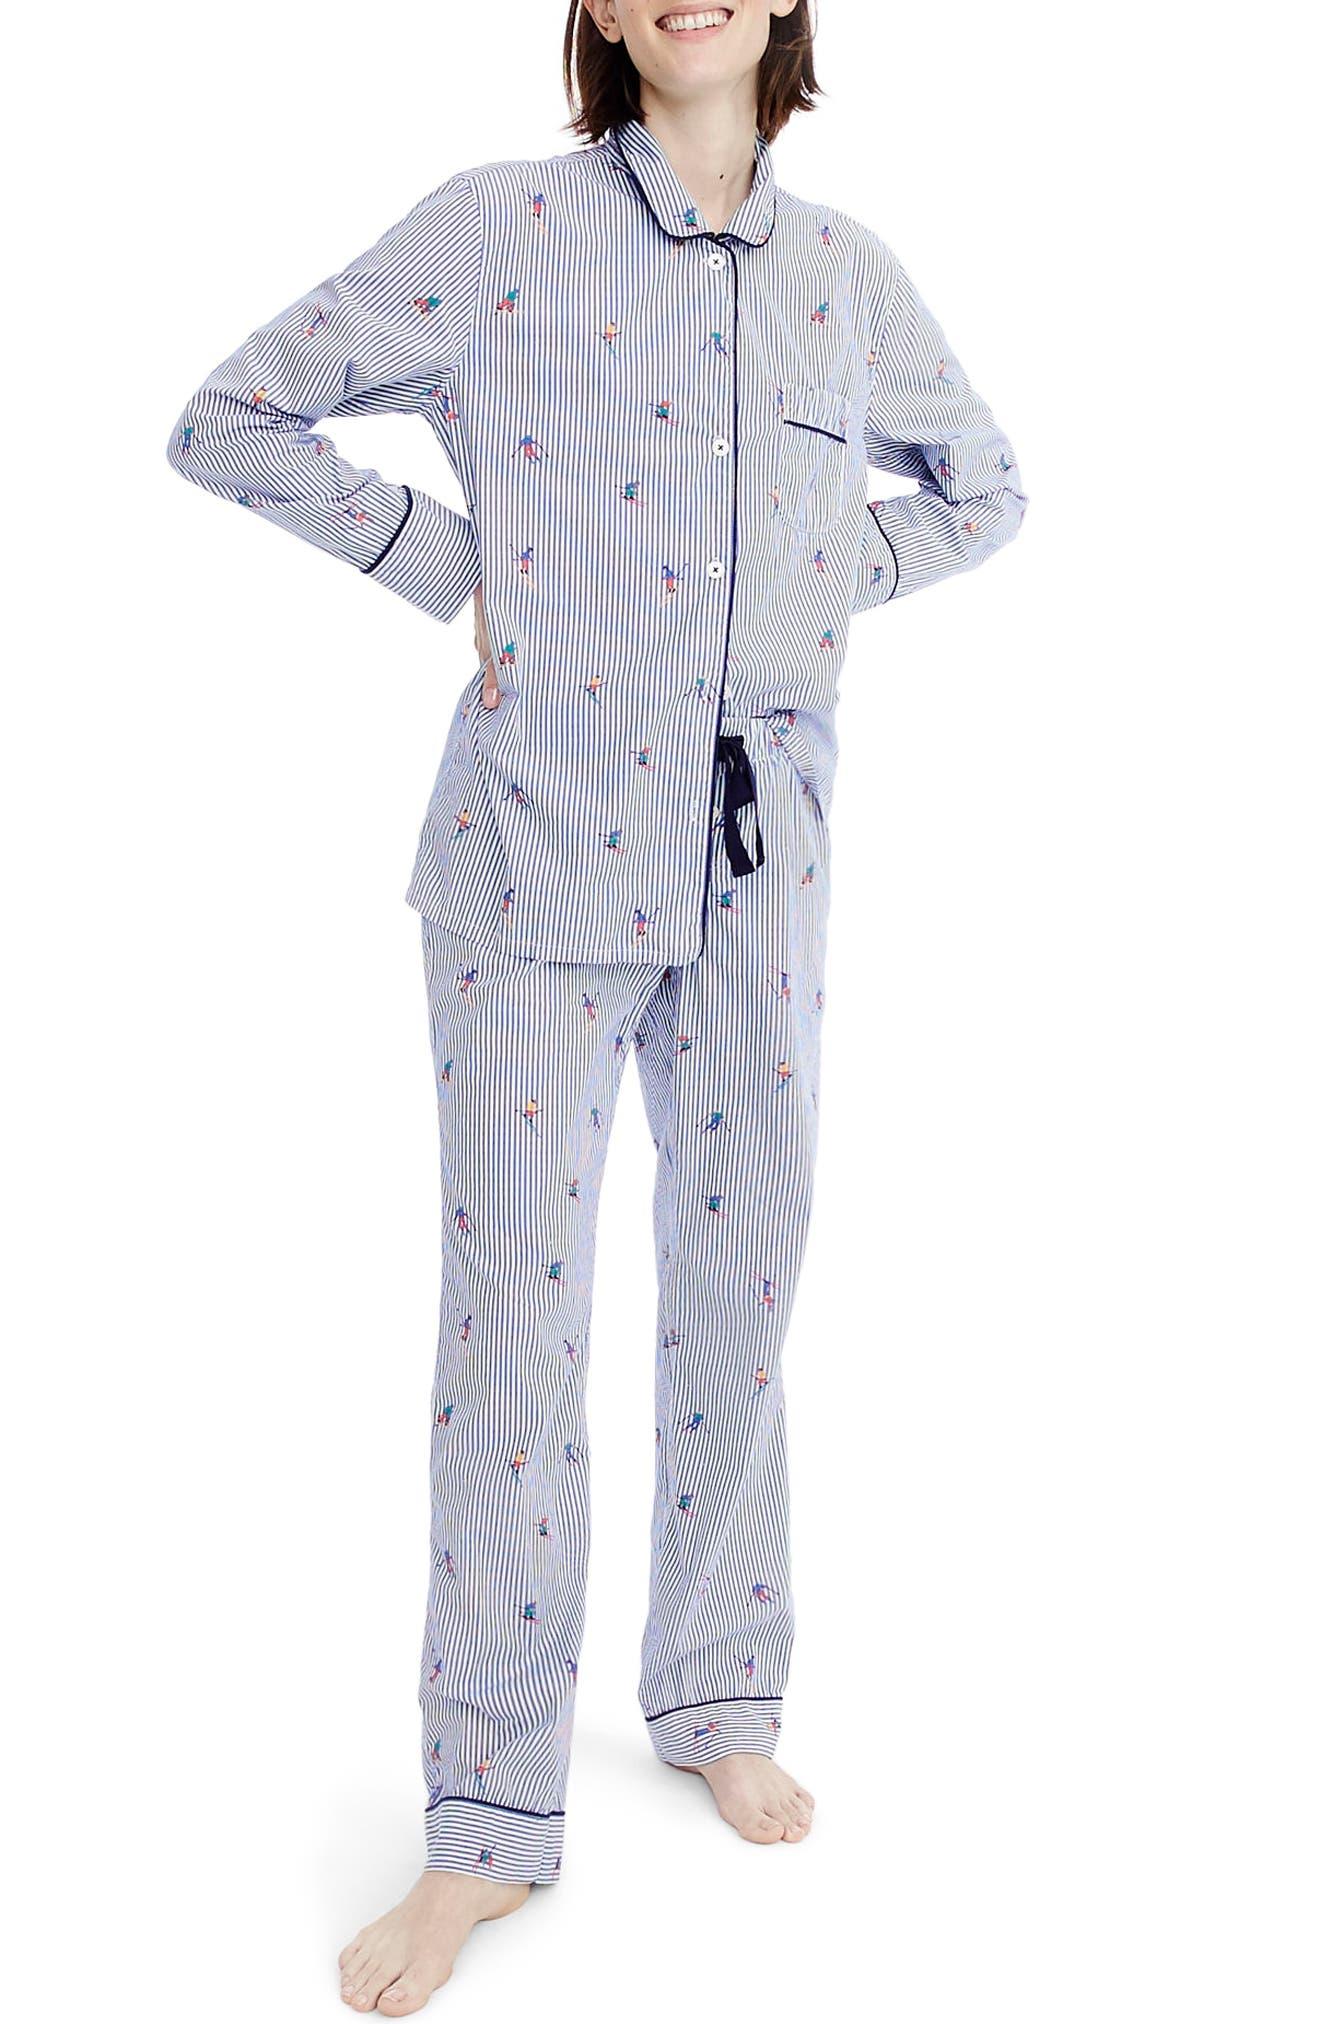 Skier Pajamas,                             Main thumbnail 1, color,                             400